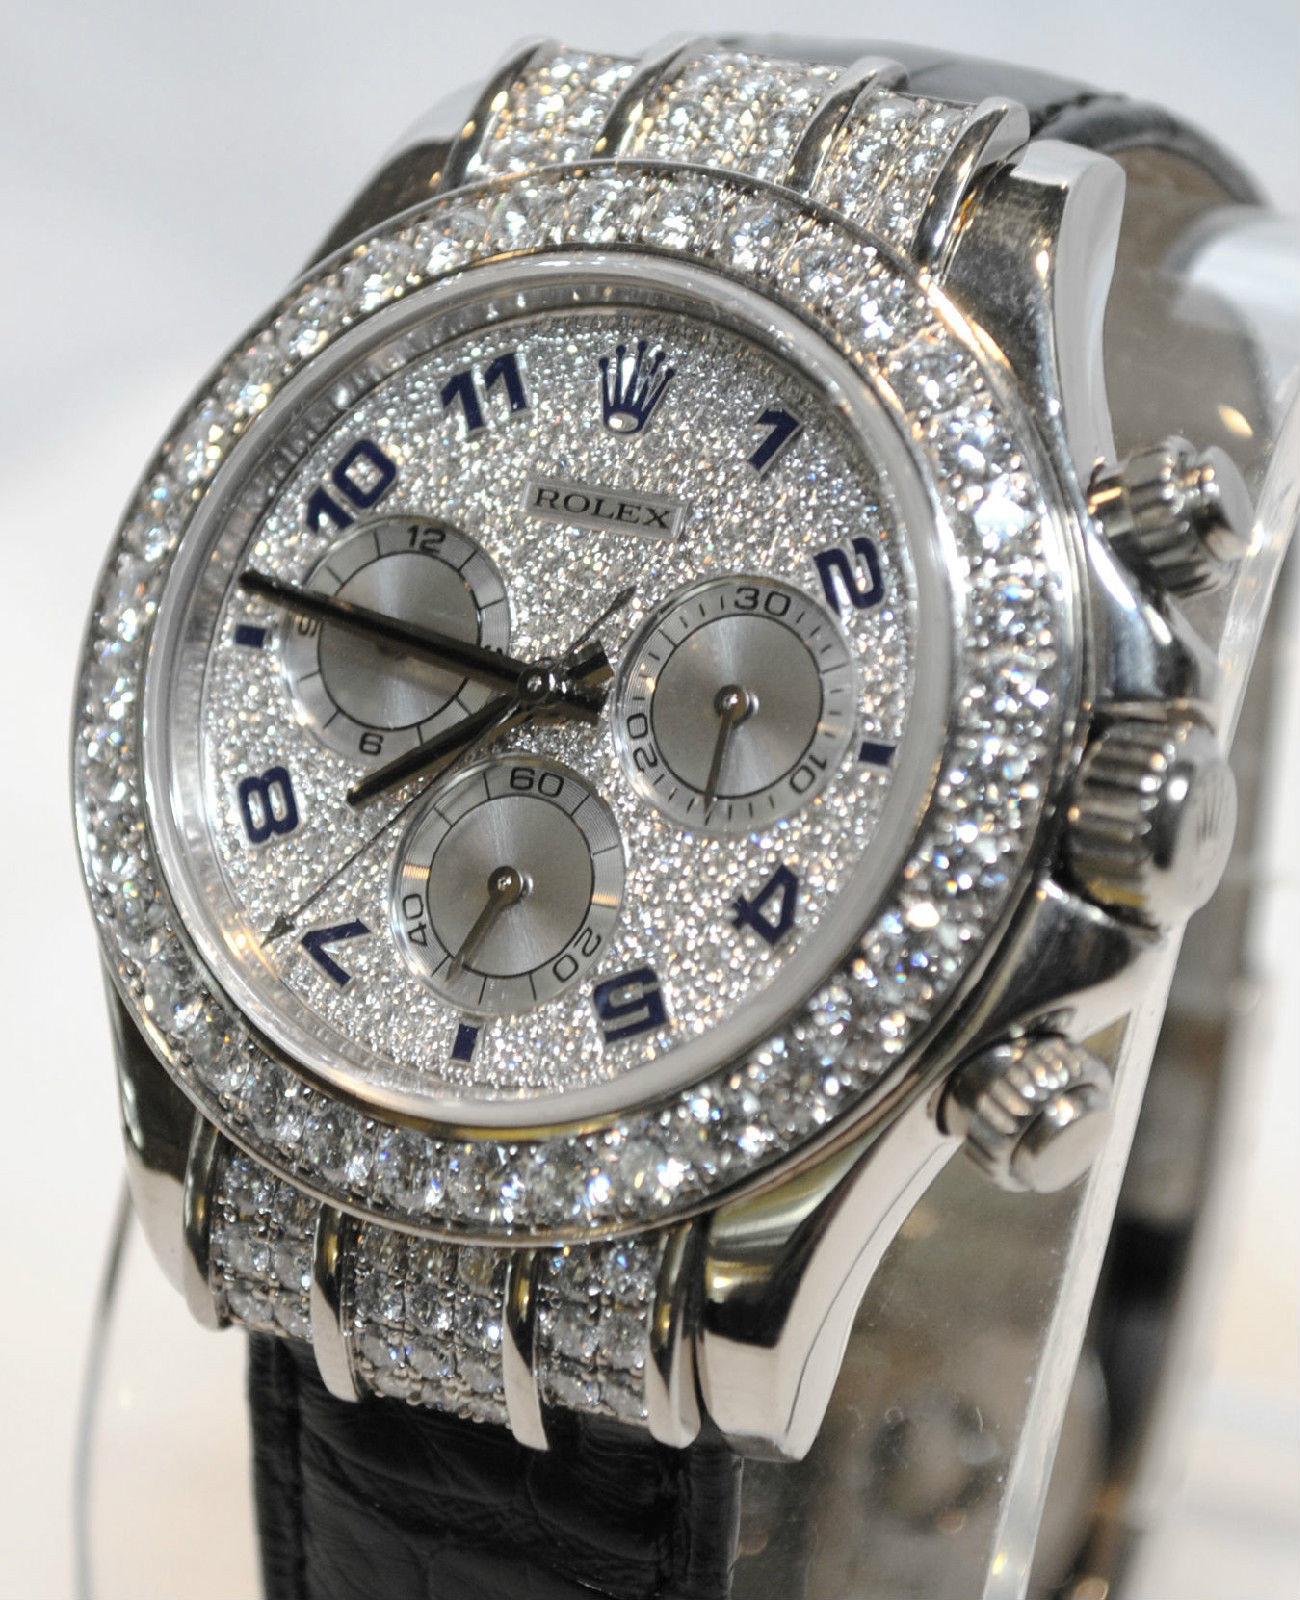 comprare on line 5550b 6454b Usato Rolex Rolex Daytona Uomo - 18K oro bianco - 8Ct - 300 ...